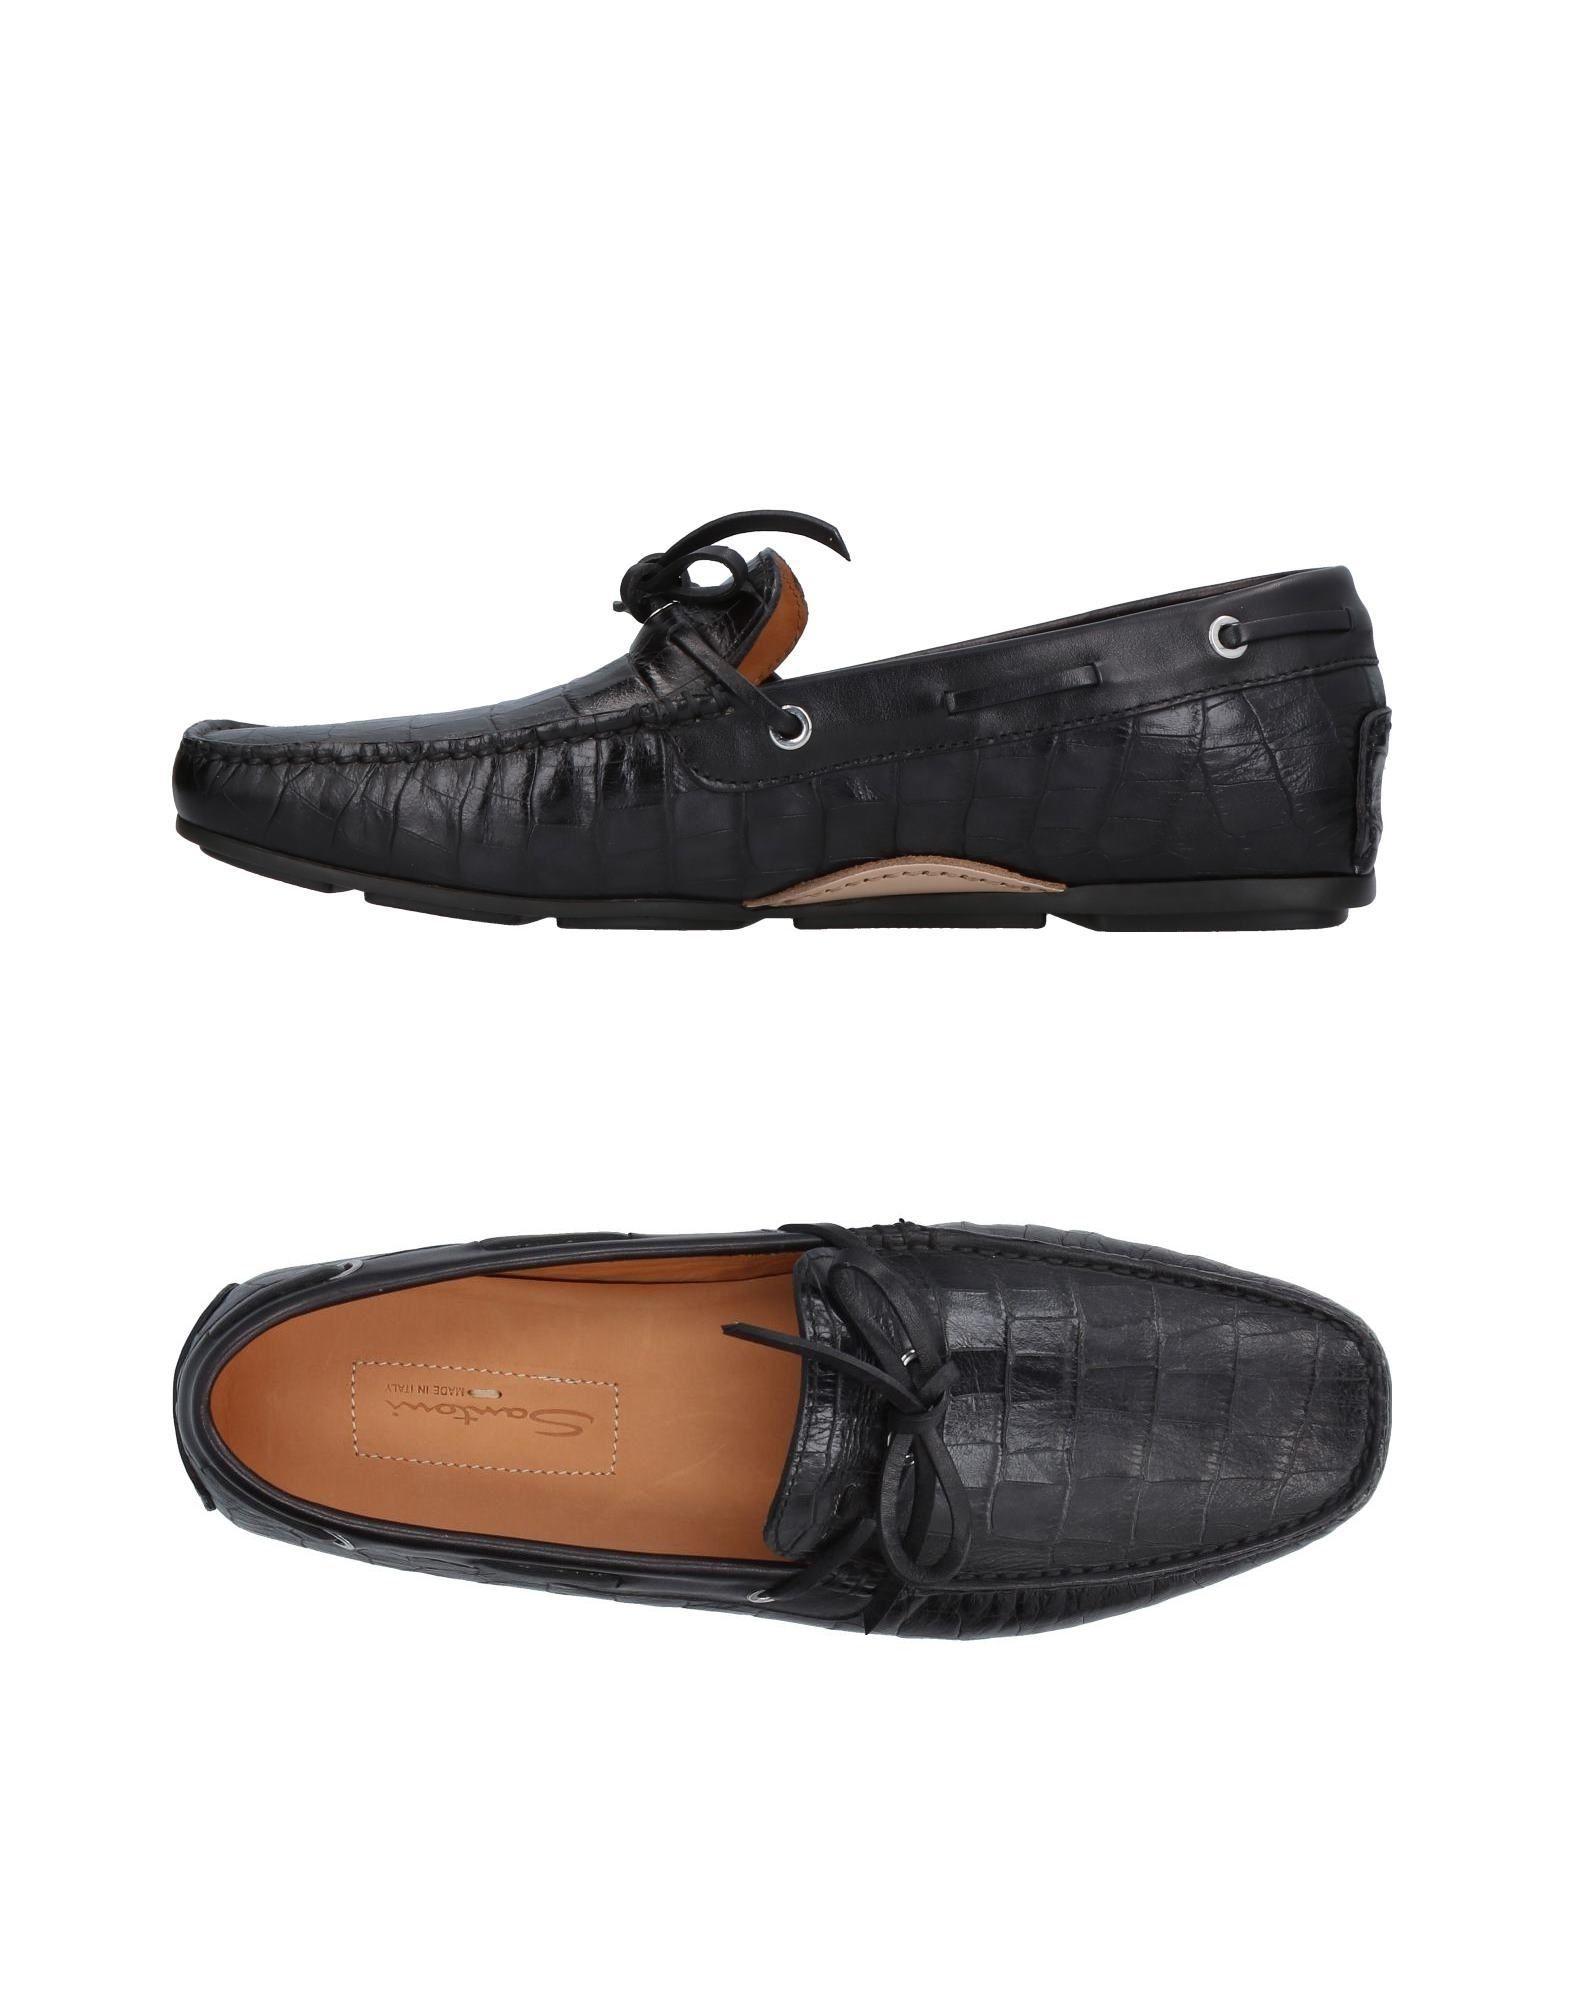 Santoni Mokassins Herren  11409581WL Gute Qualität beliebte Schuhe